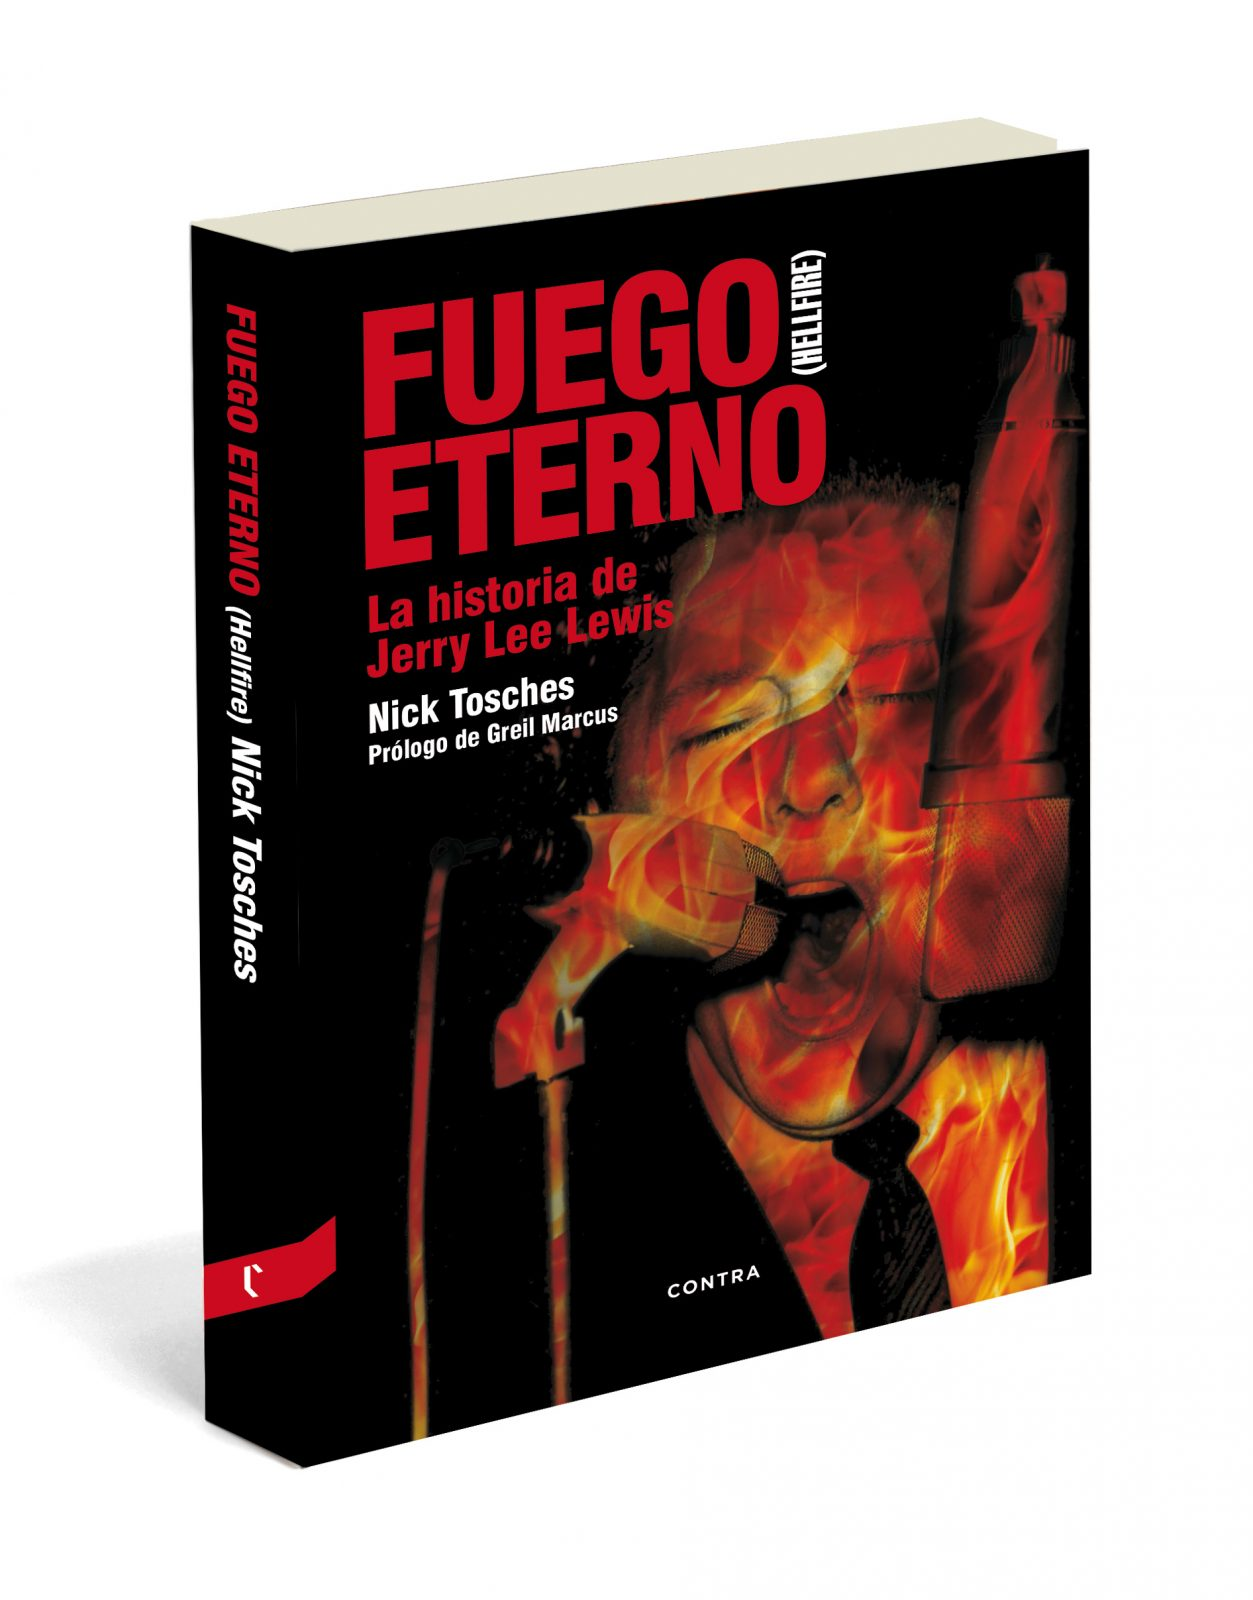 FuegoEterno_3D_med